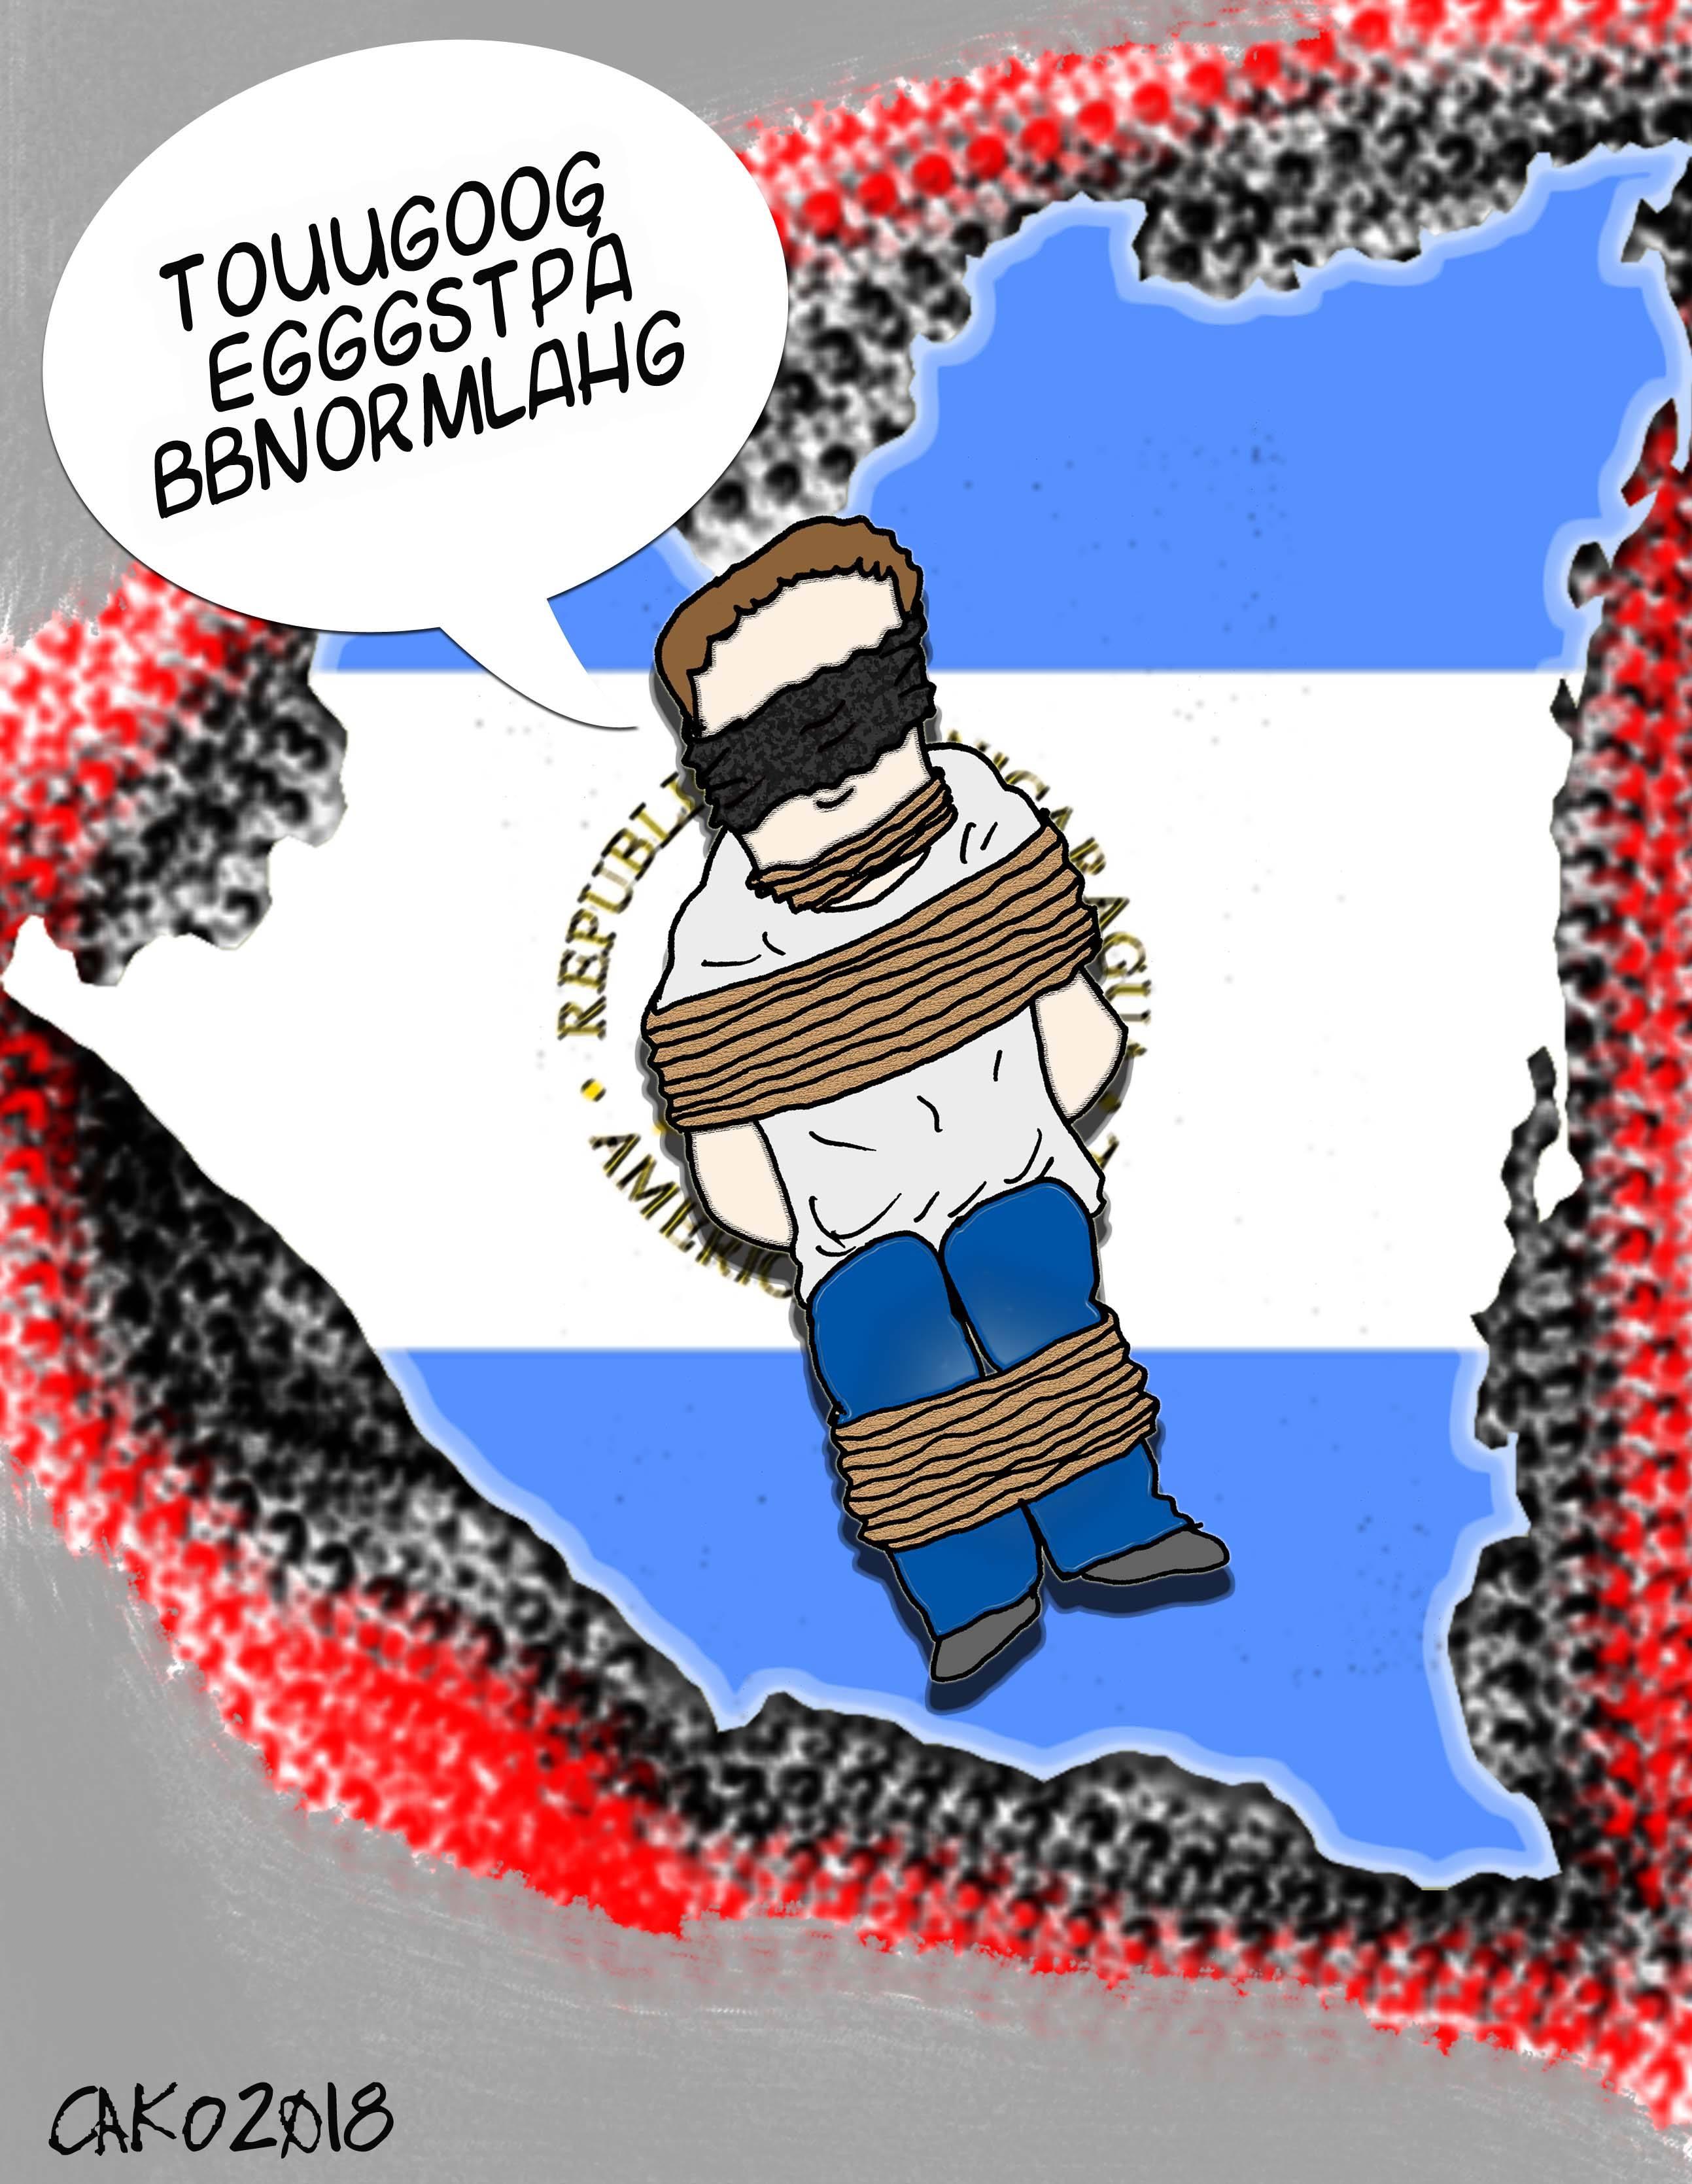 La Caricatura: Con presos, secuestros, encapuchados y matones en Hilux, pero todo está normal